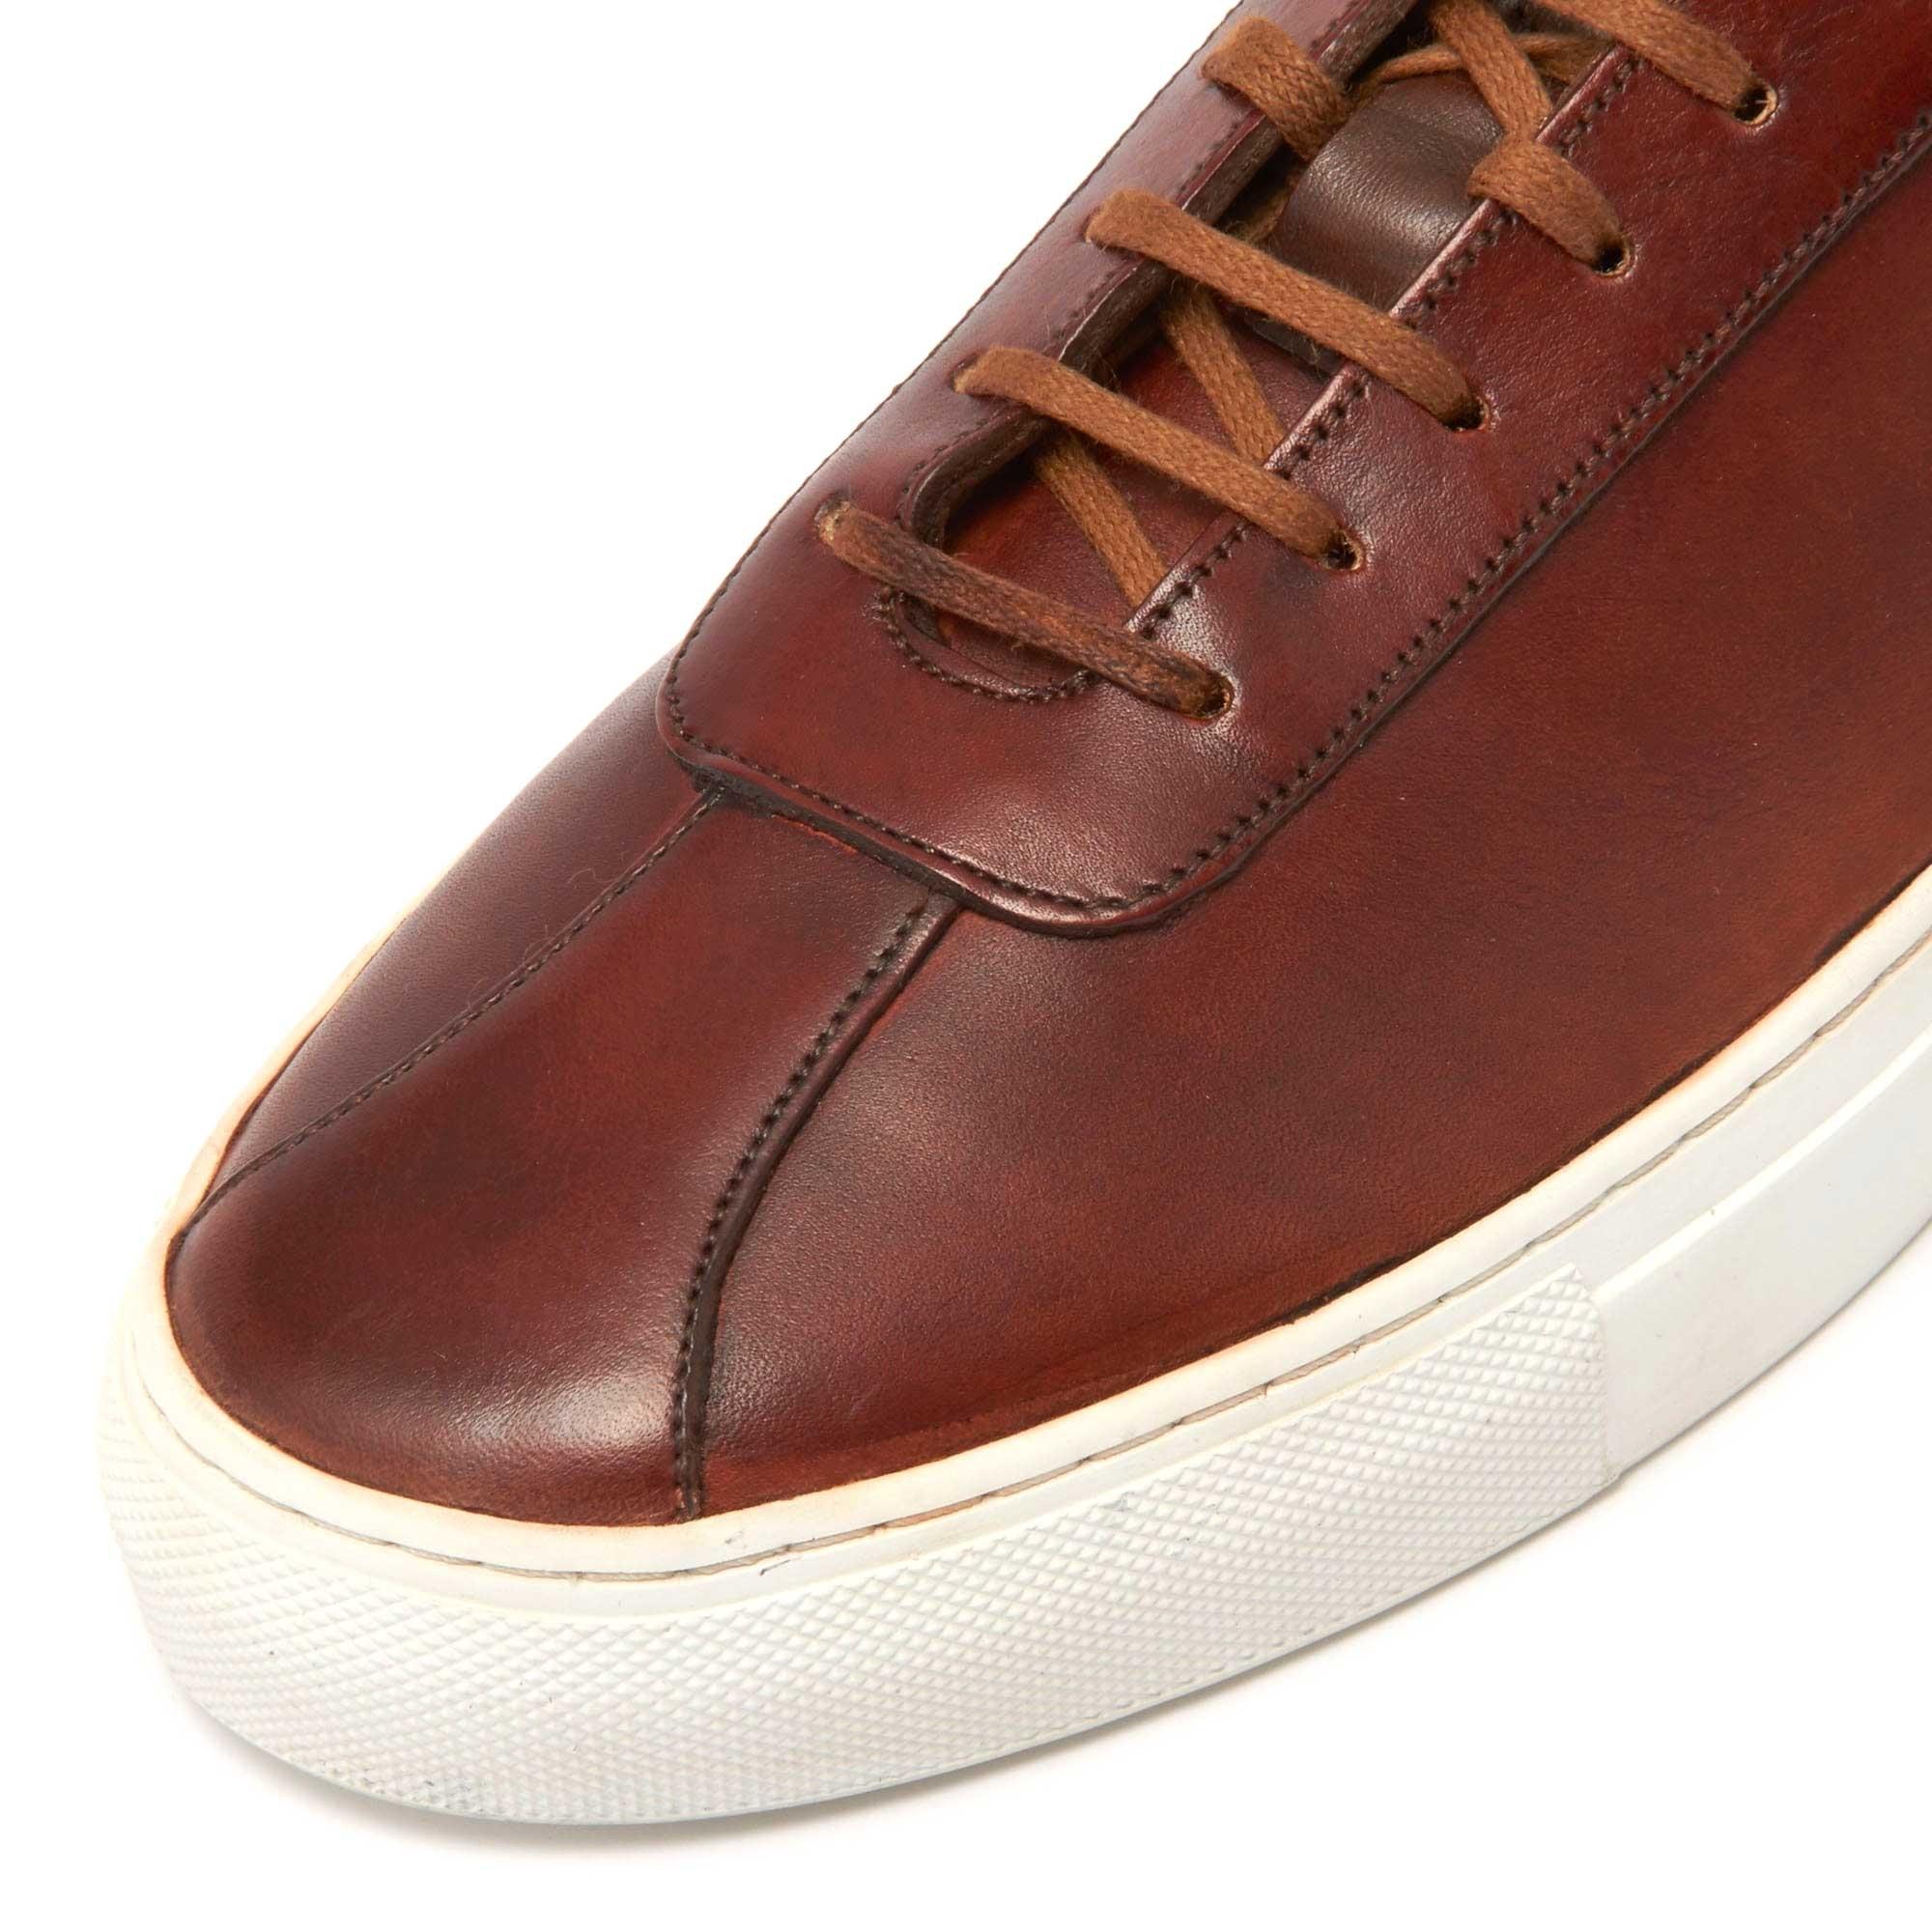 Grenson Sneaker 1 Luxury Trainers   Tan